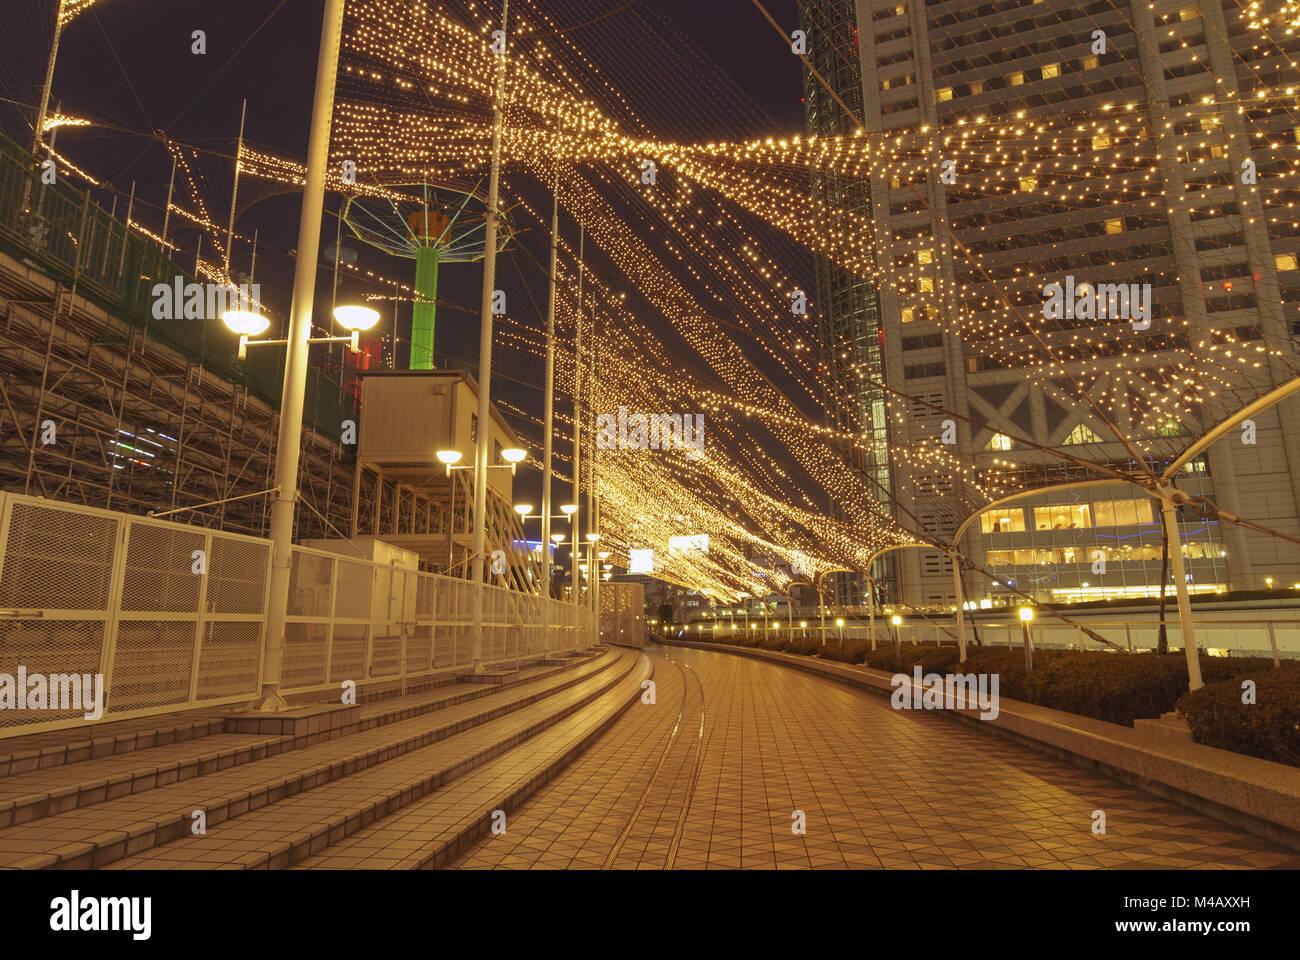 night illumination - Stock Image